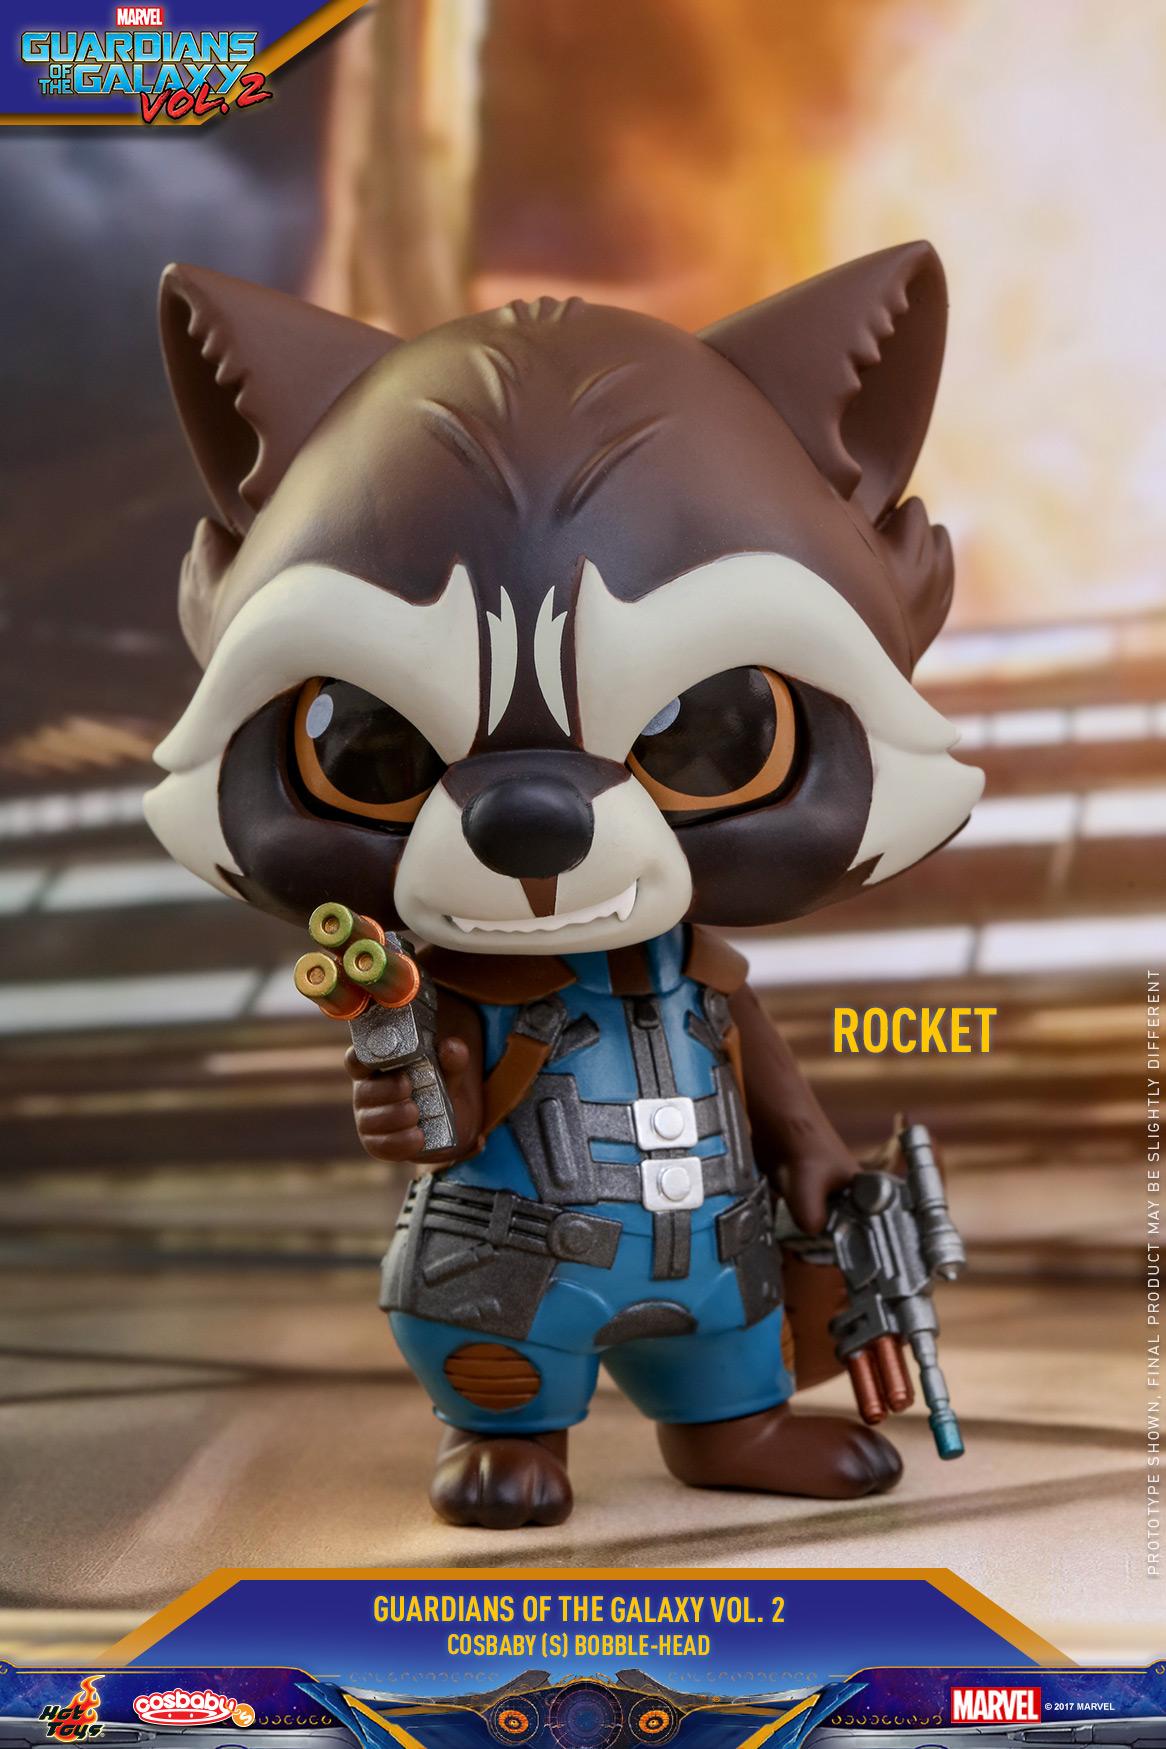 《银河护卫队2》火箭浣熊cosbaby 迷你珍藏人偶 Hot Toys 中国